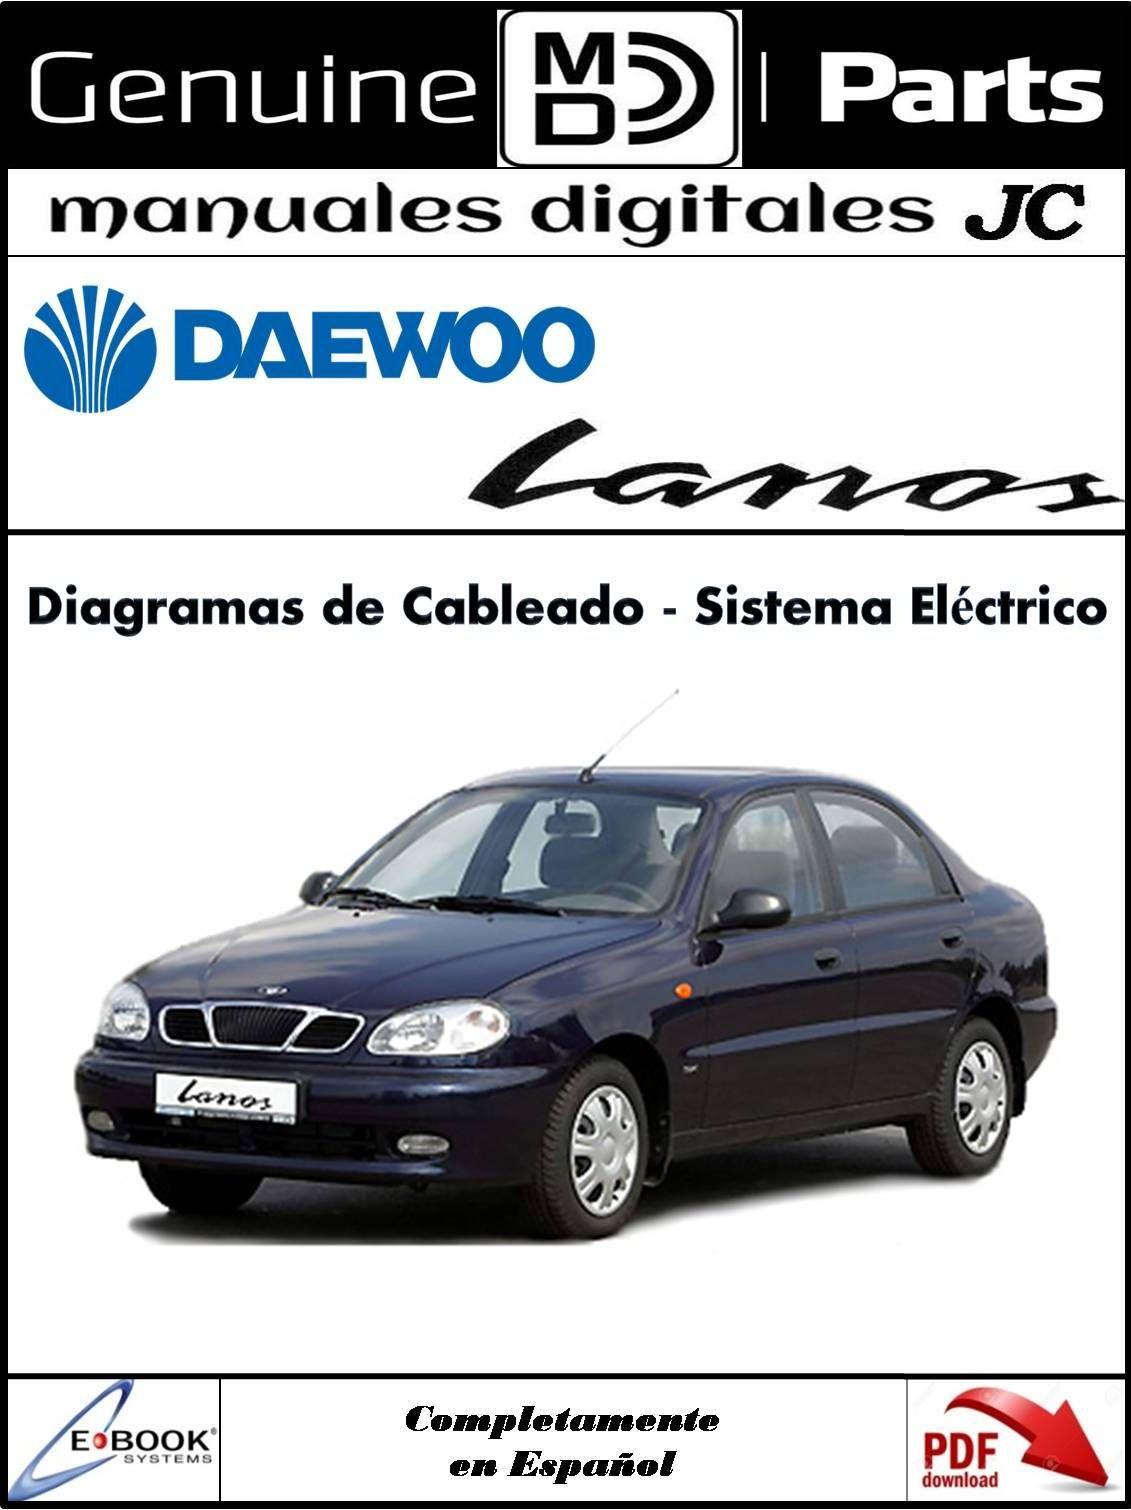 1999 Daewoo Lanos Wiring Diagram